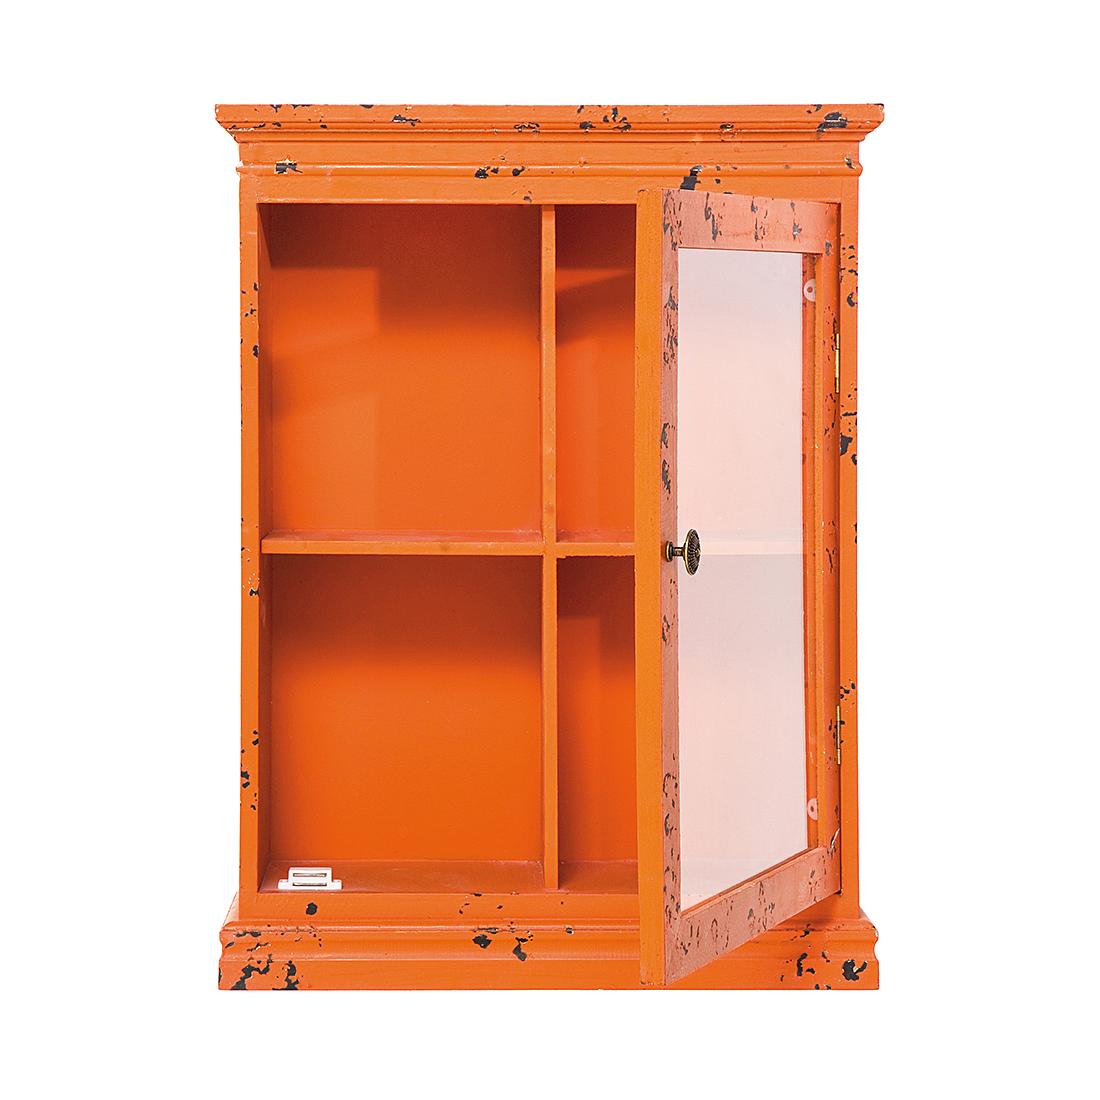 h ngeschrank vintage orange vitrine wandschrank. Black Bedroom Furniture Sets. Home Design Ideas